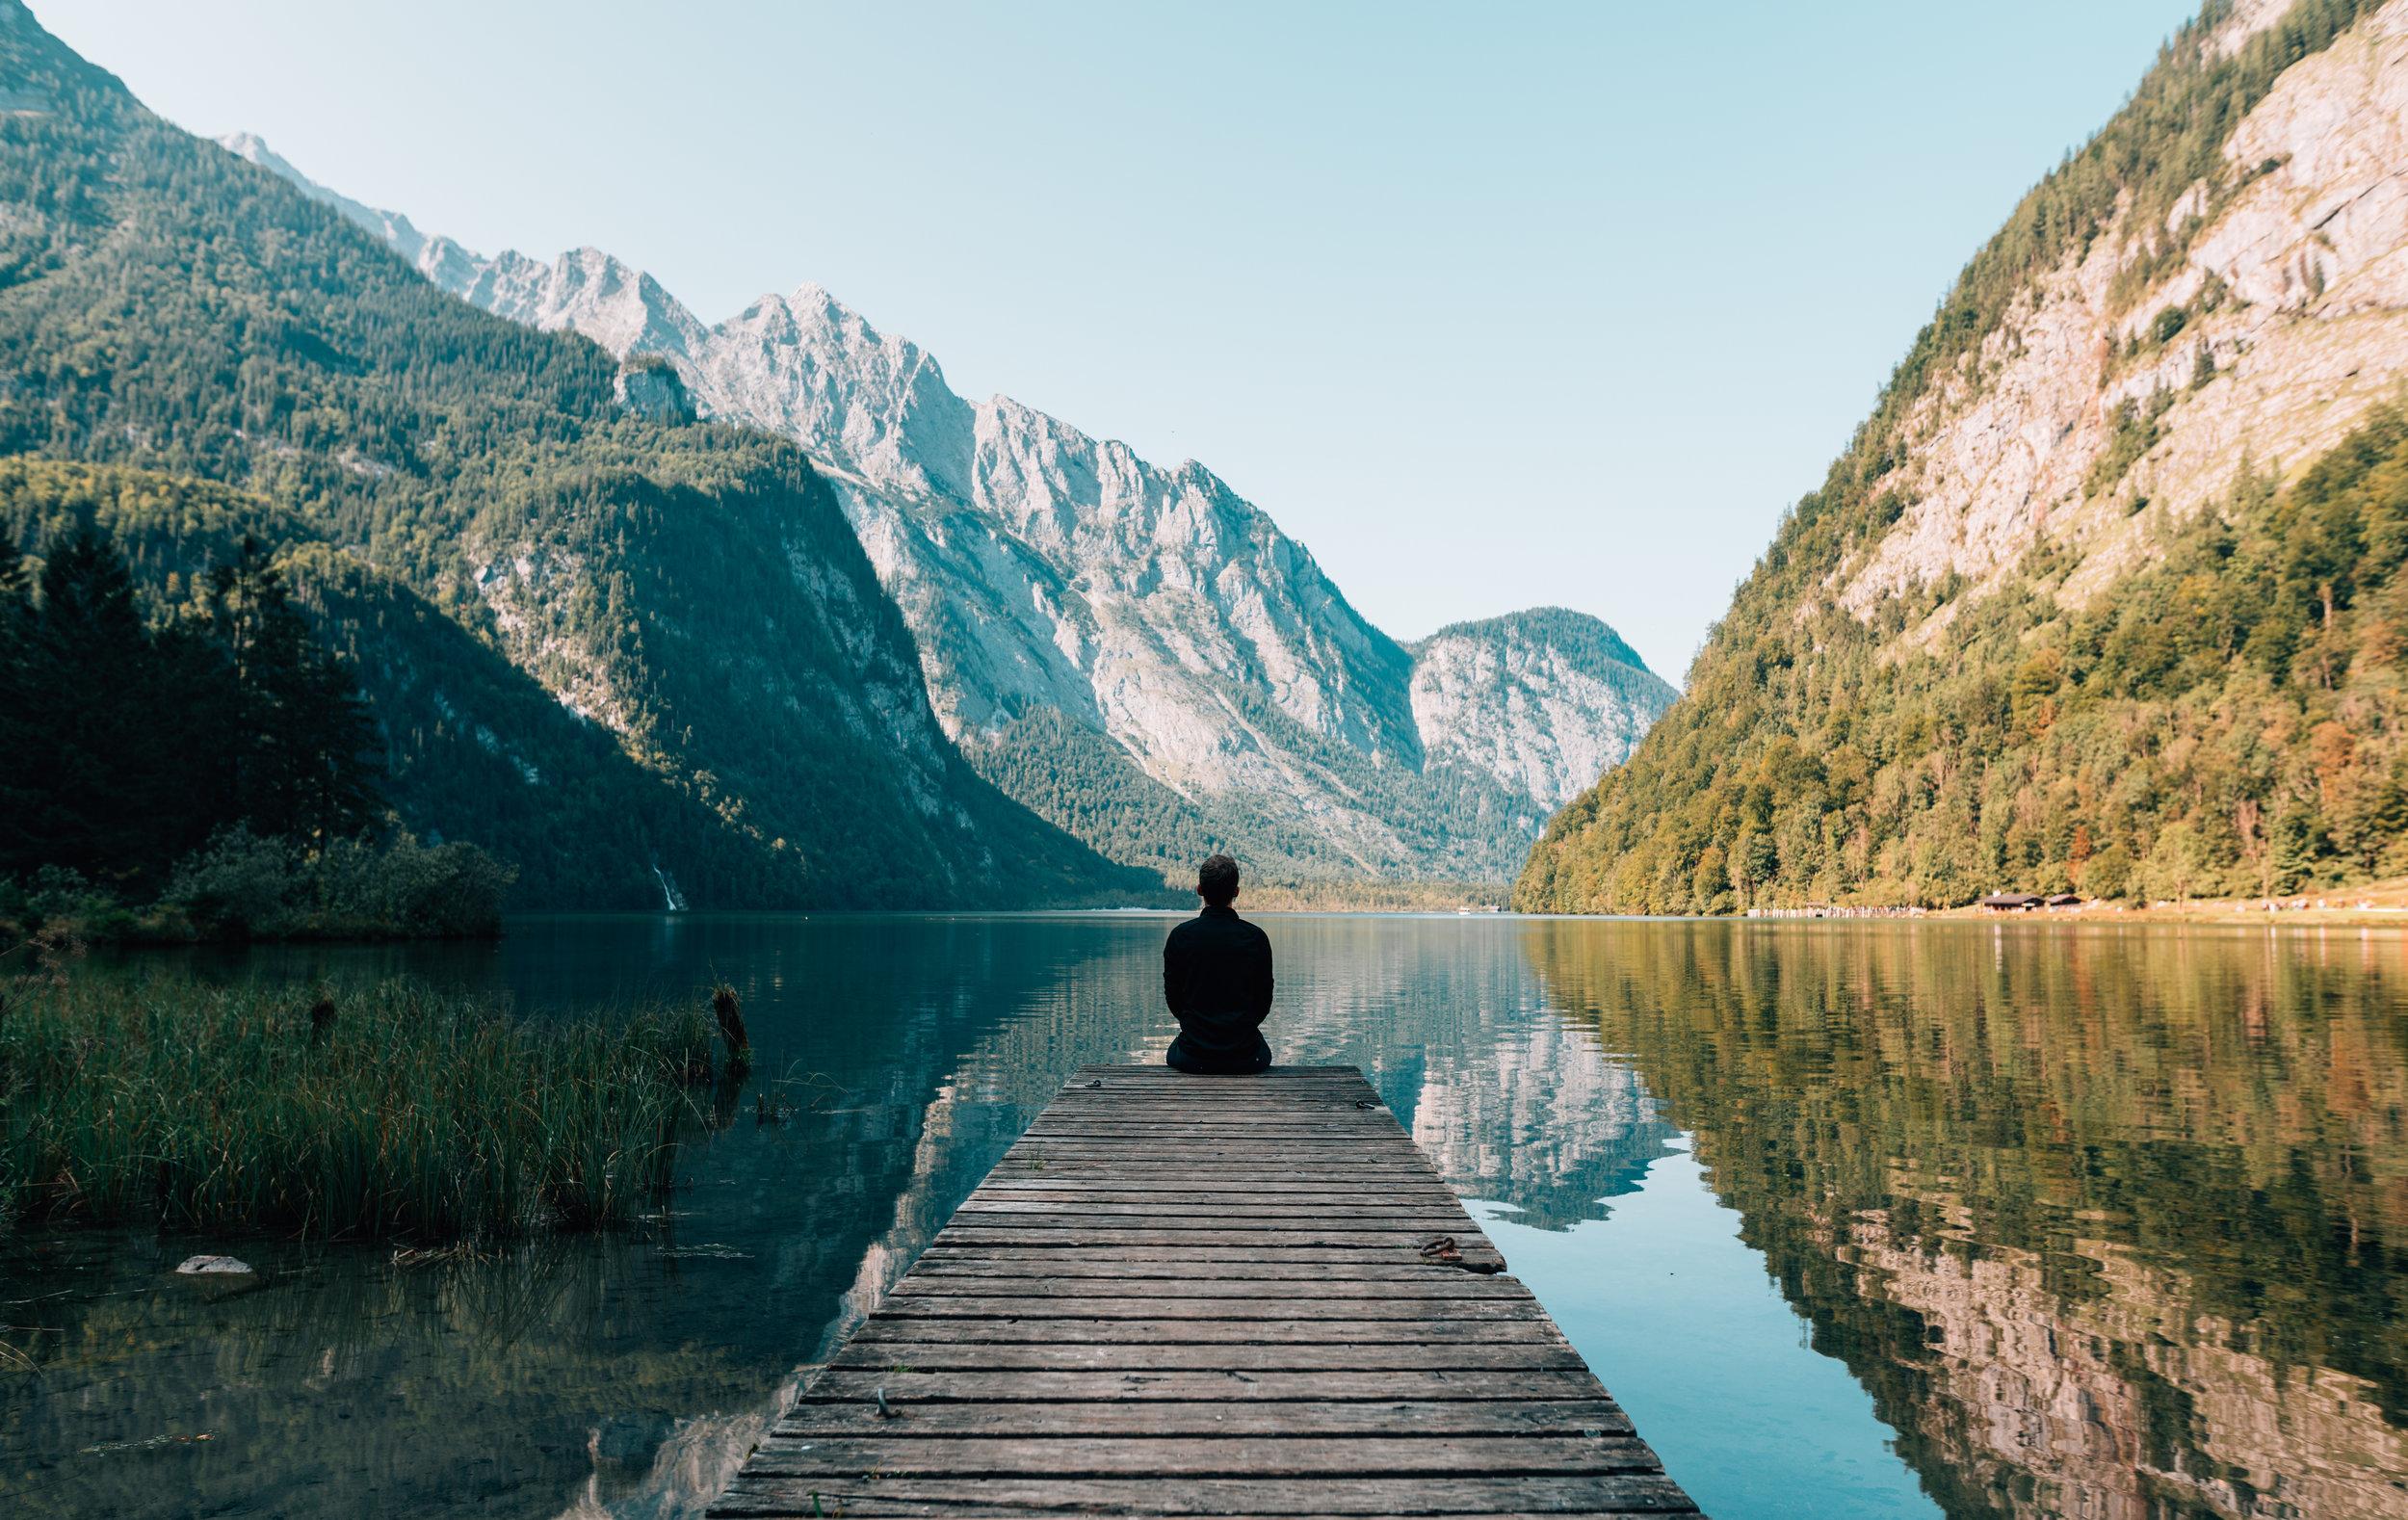 meditation voyedge rx